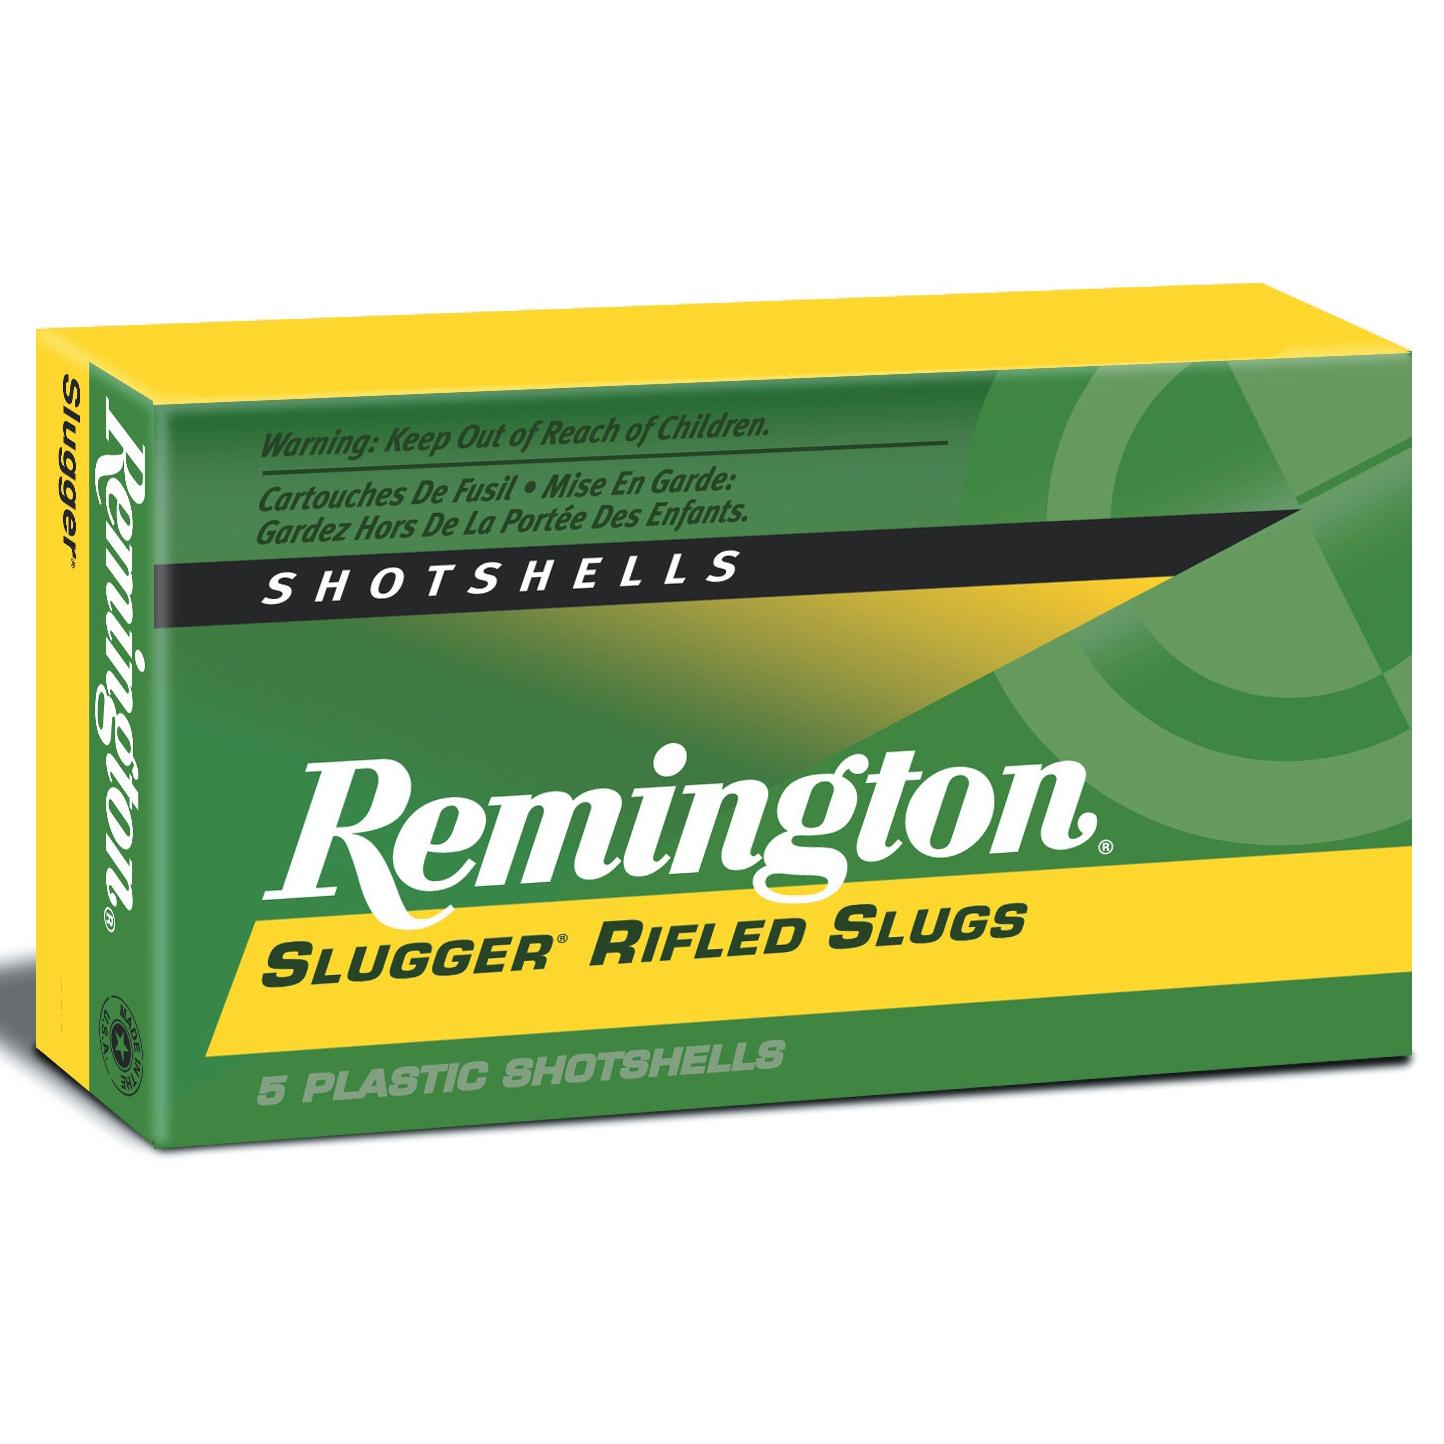 Remington Slugger Rifled Slugs, 12-ga, 2-3/4″, 1 oz.